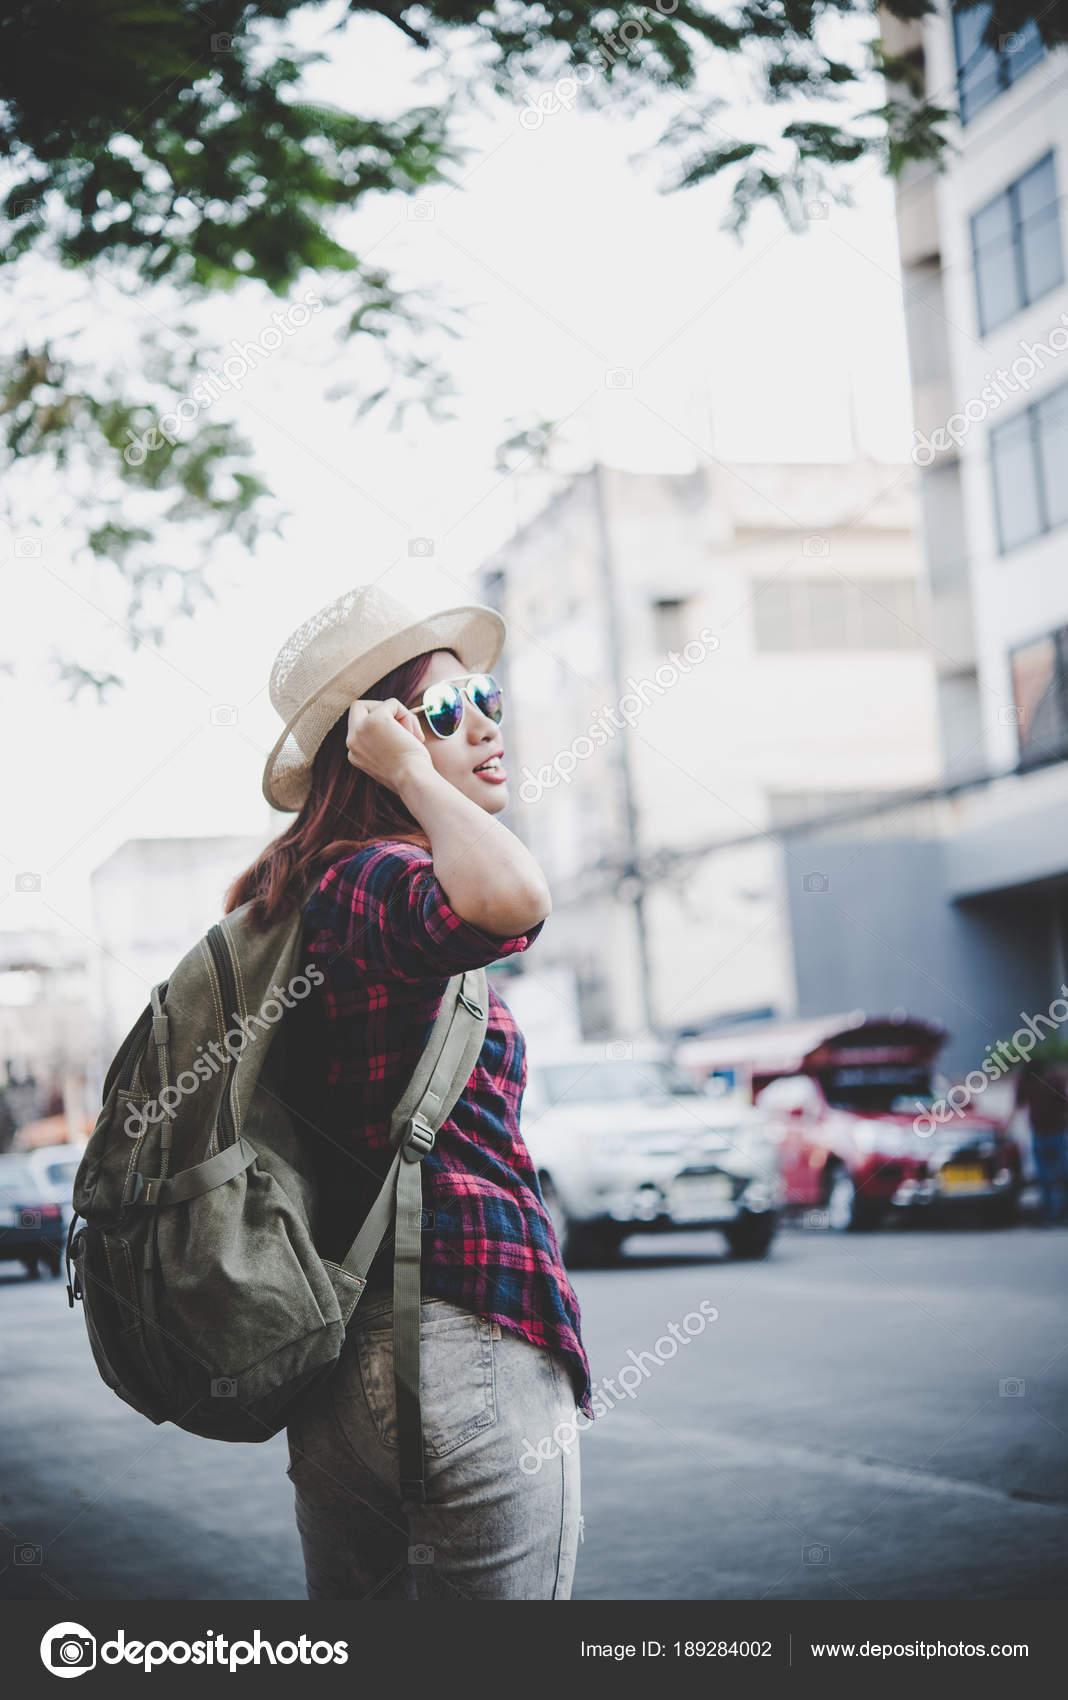 9178e4948e Jeune femme heureuse hipster porter le sac à dos, voyage touristique femme  avec sac à dos à l'extérieur pendant les vacances. Concept de mode de vie  des ...